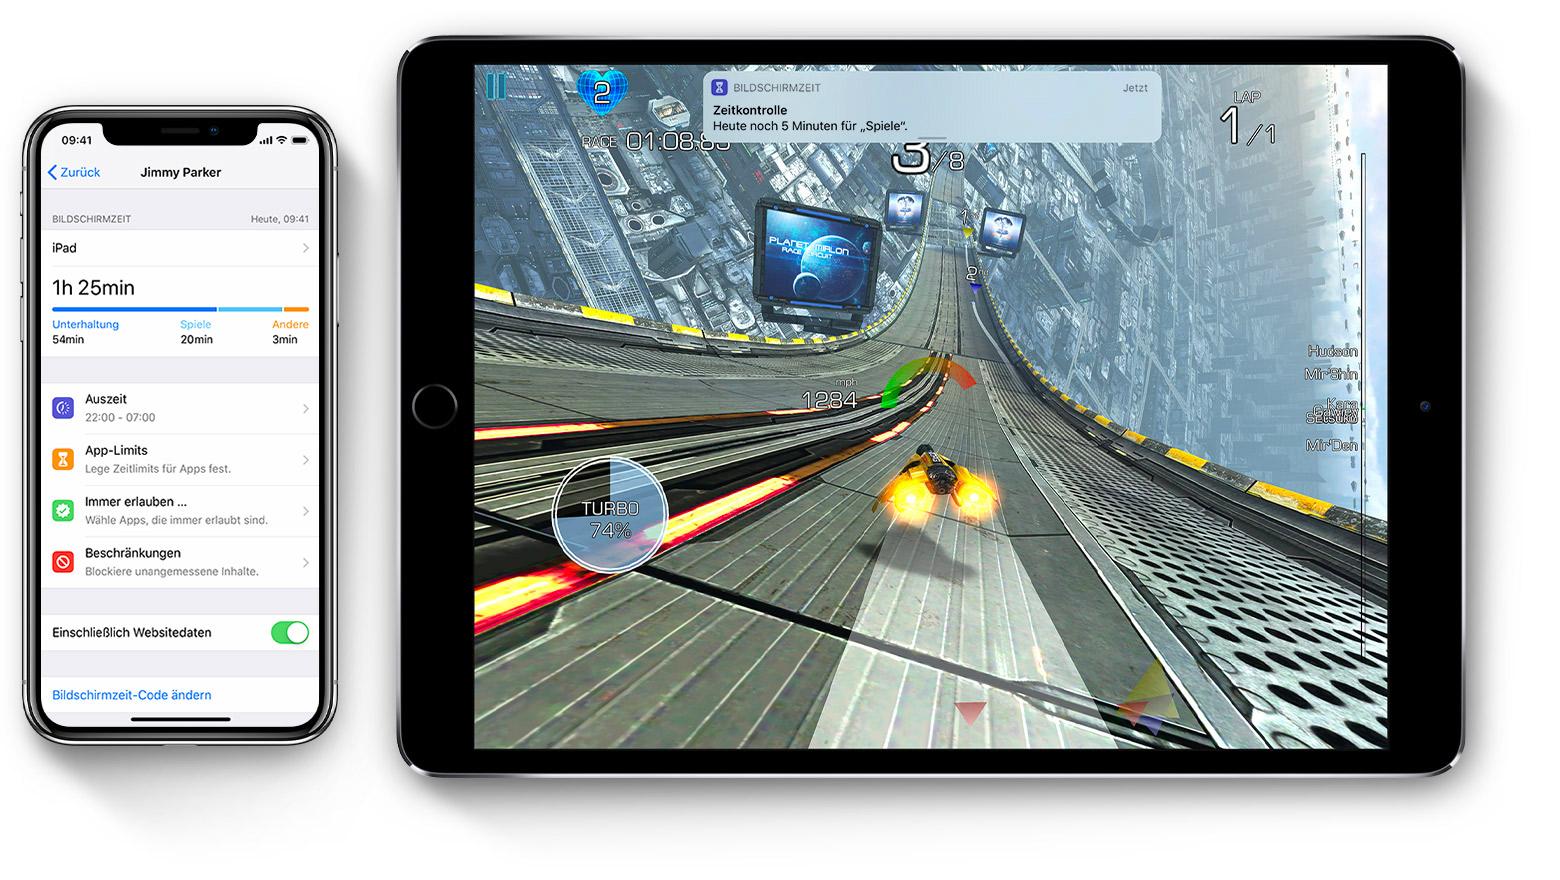 AirPlay: Musik mit iPhone und iPad fernsteuern | Mac & i